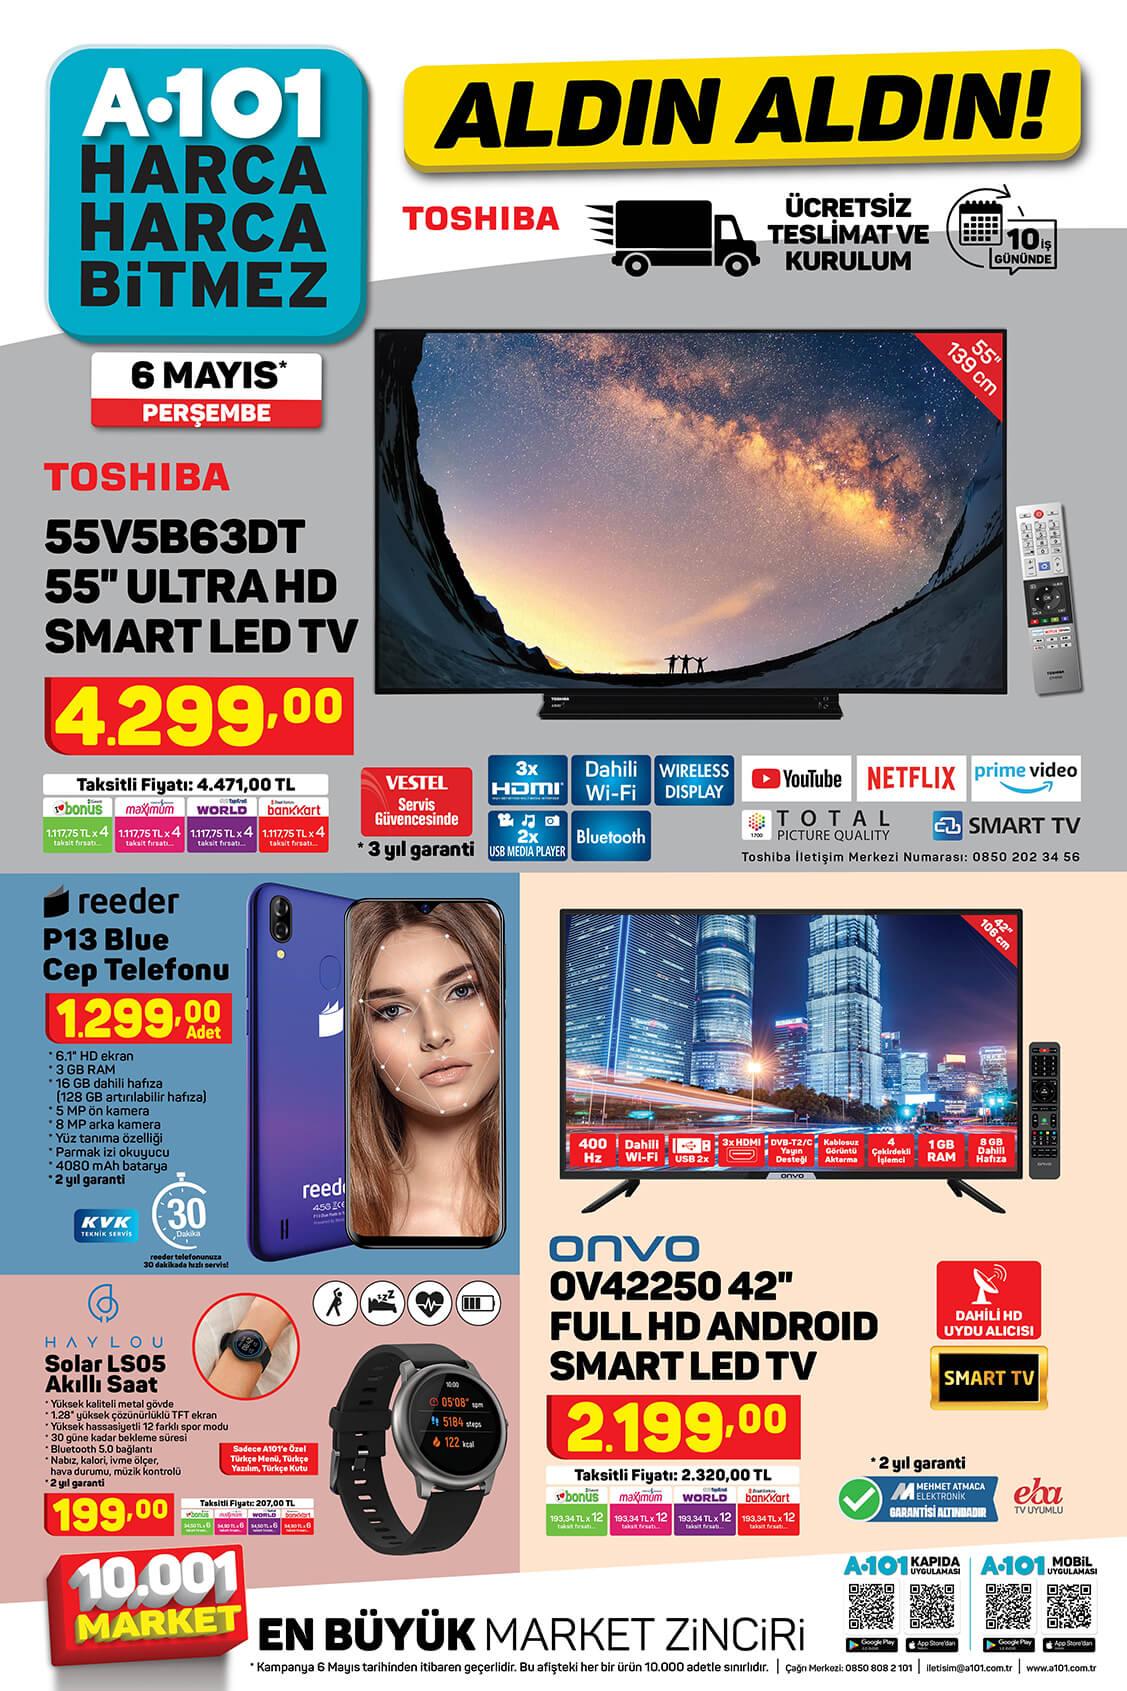 عروض ماركت يوزبير A101 على شاشات بلازما وجوالات